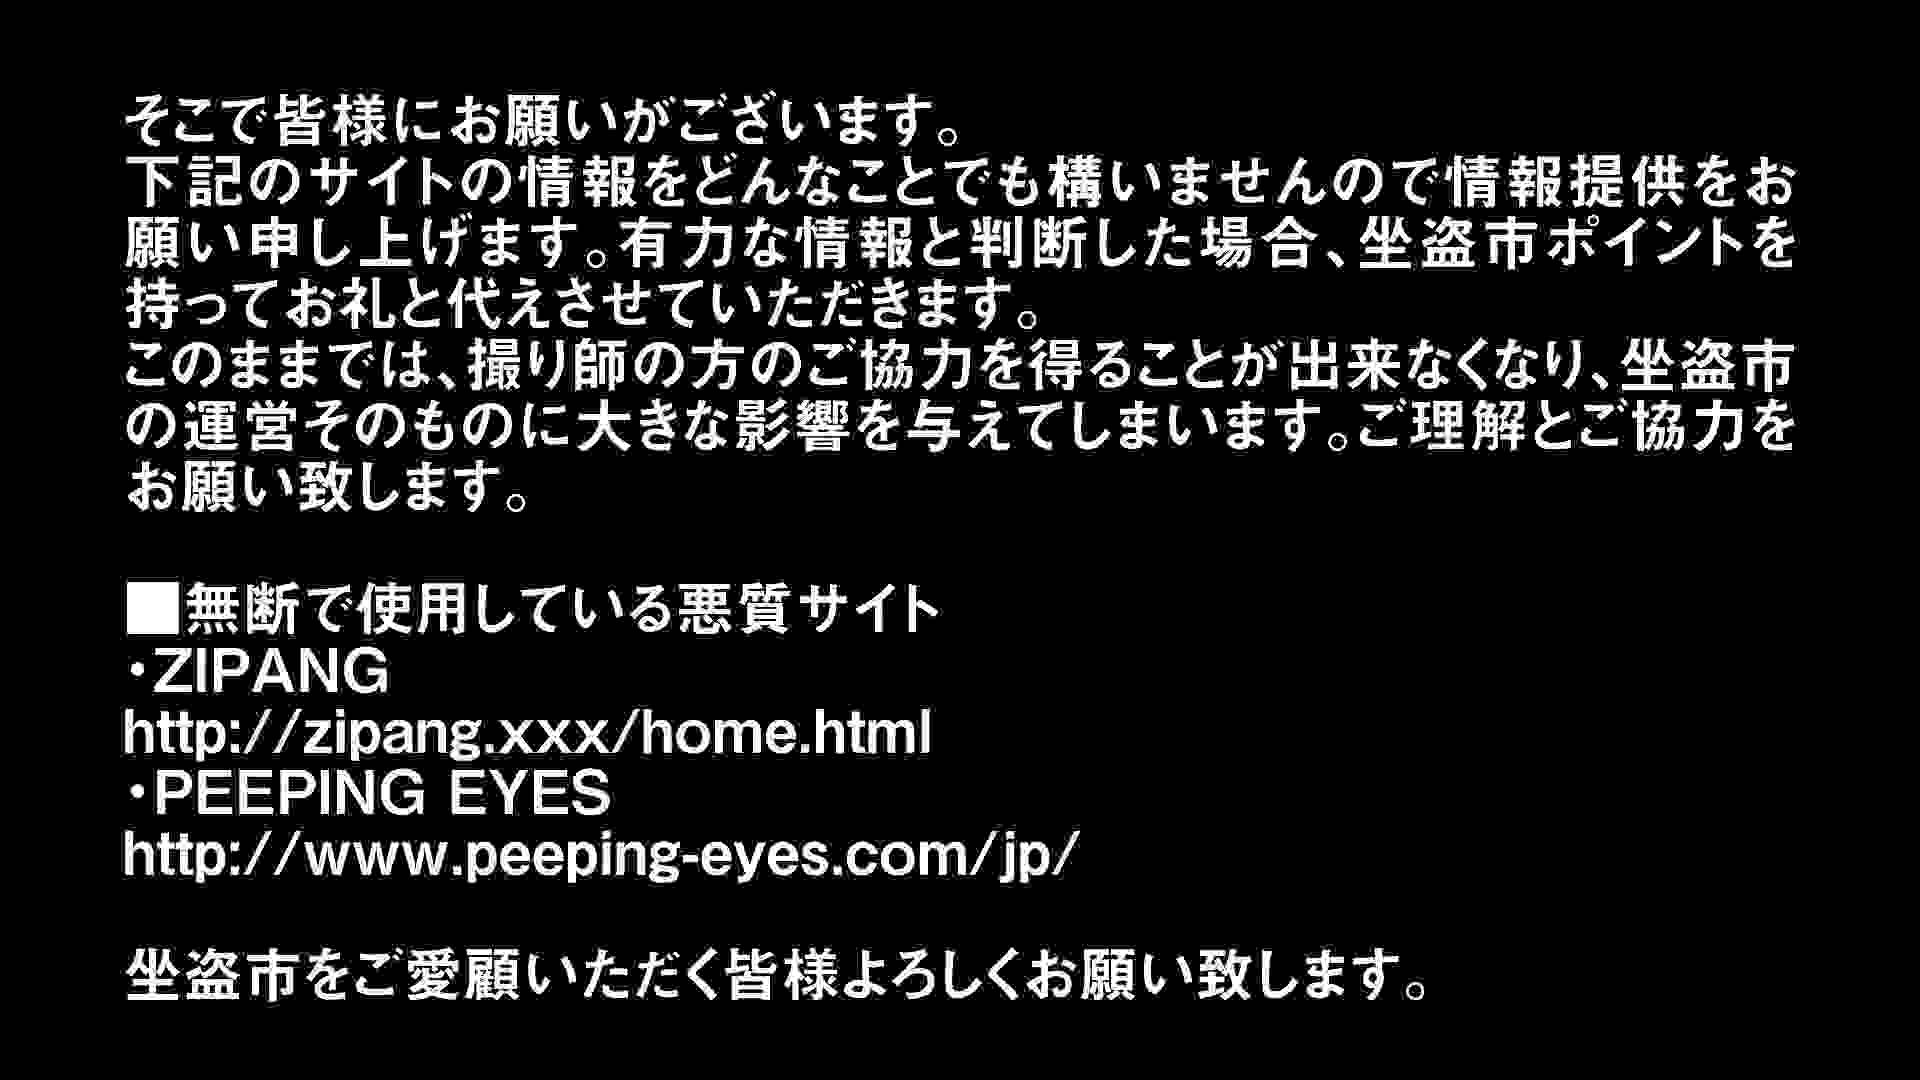 Aquaな露天風呂Vol.299 OLのエロ生活  53連発 15